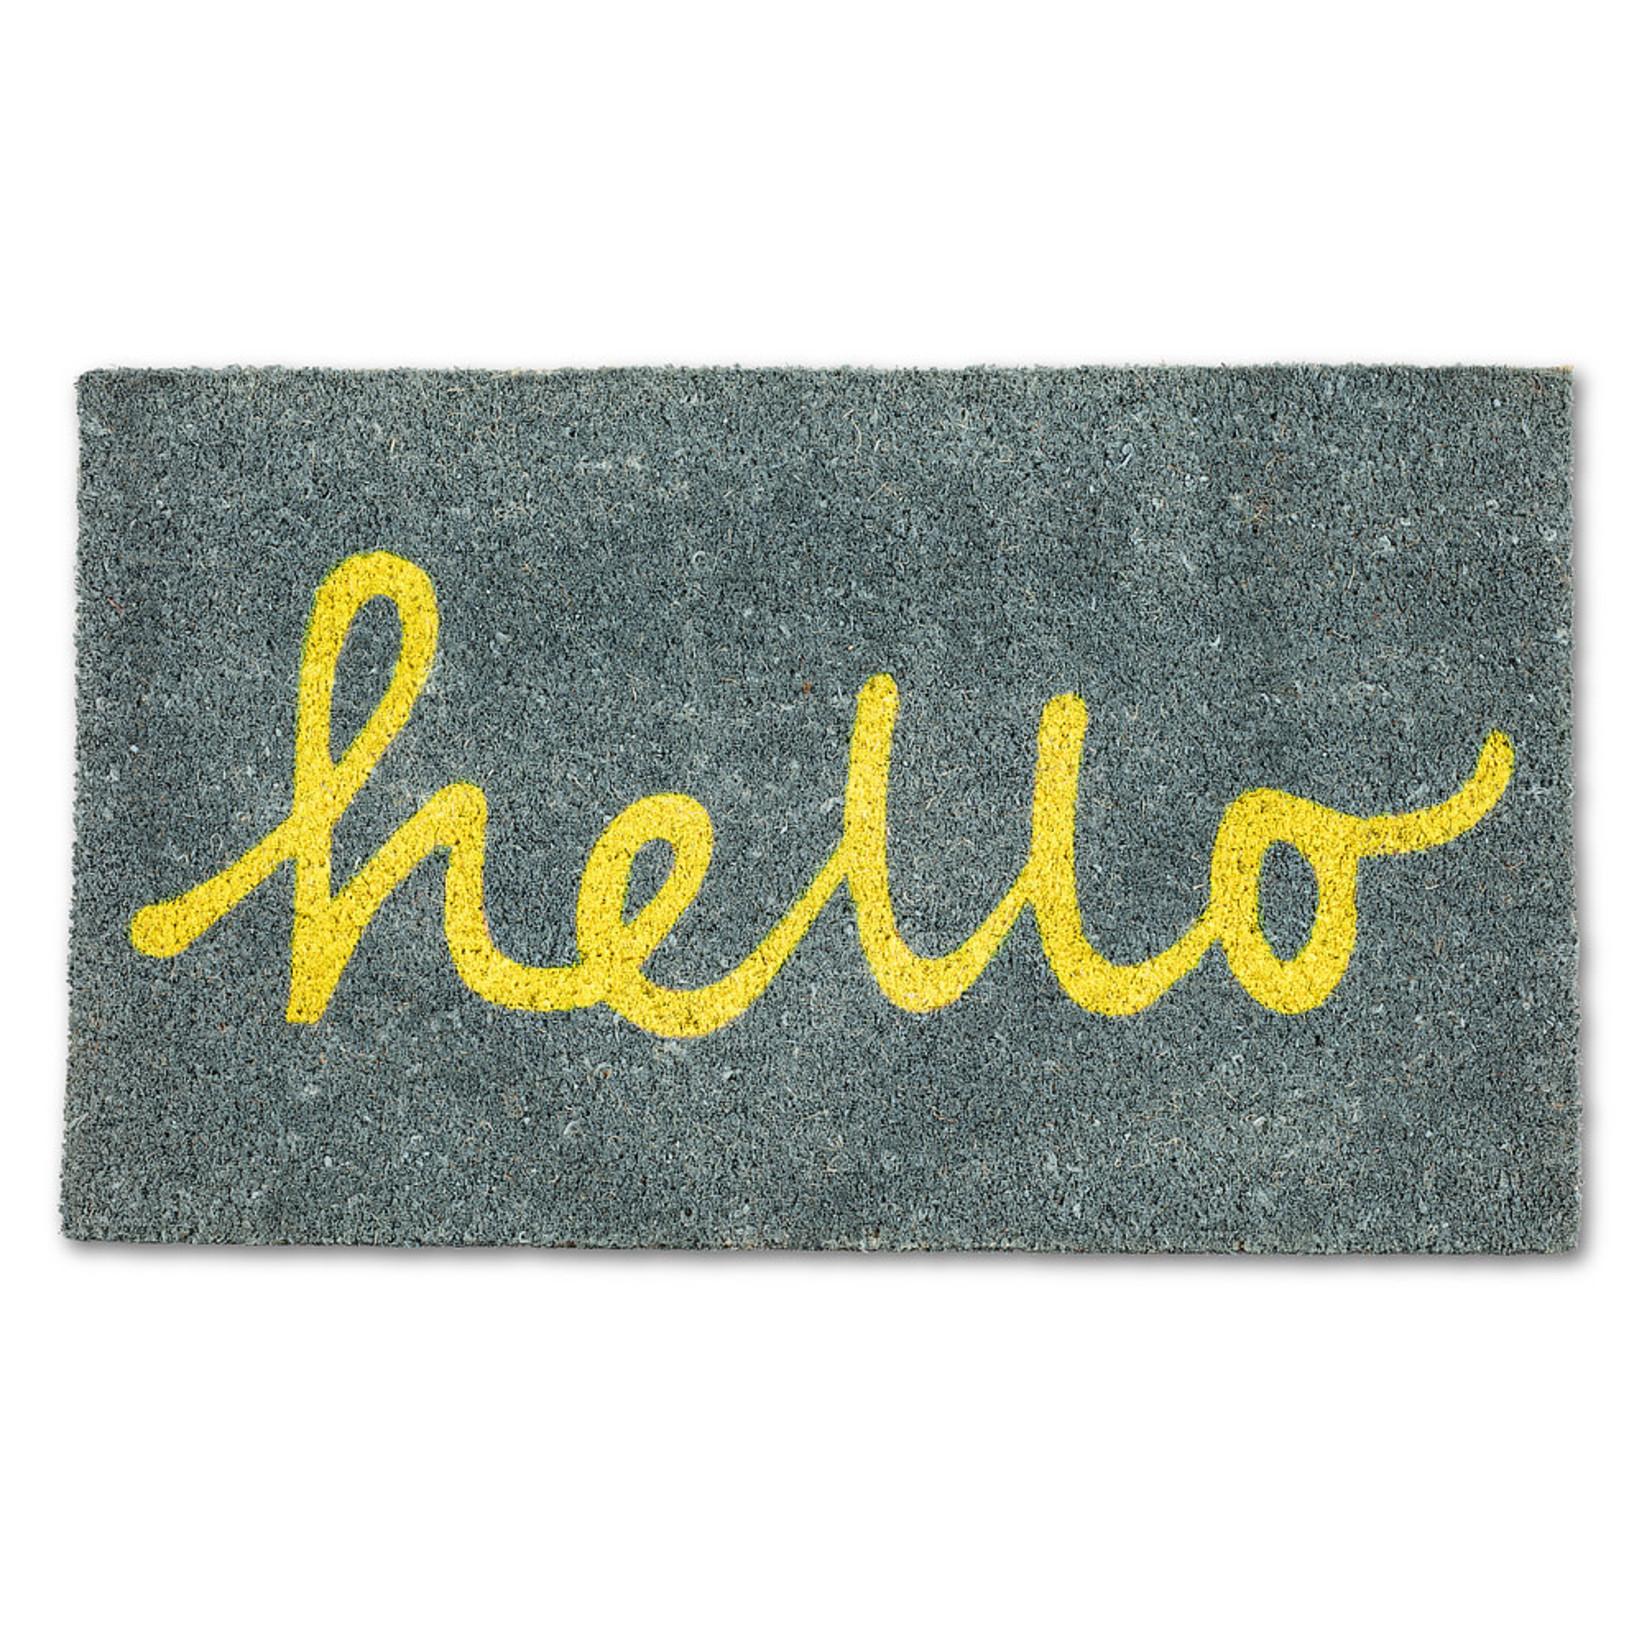 Yellow & Grey Hello door mat